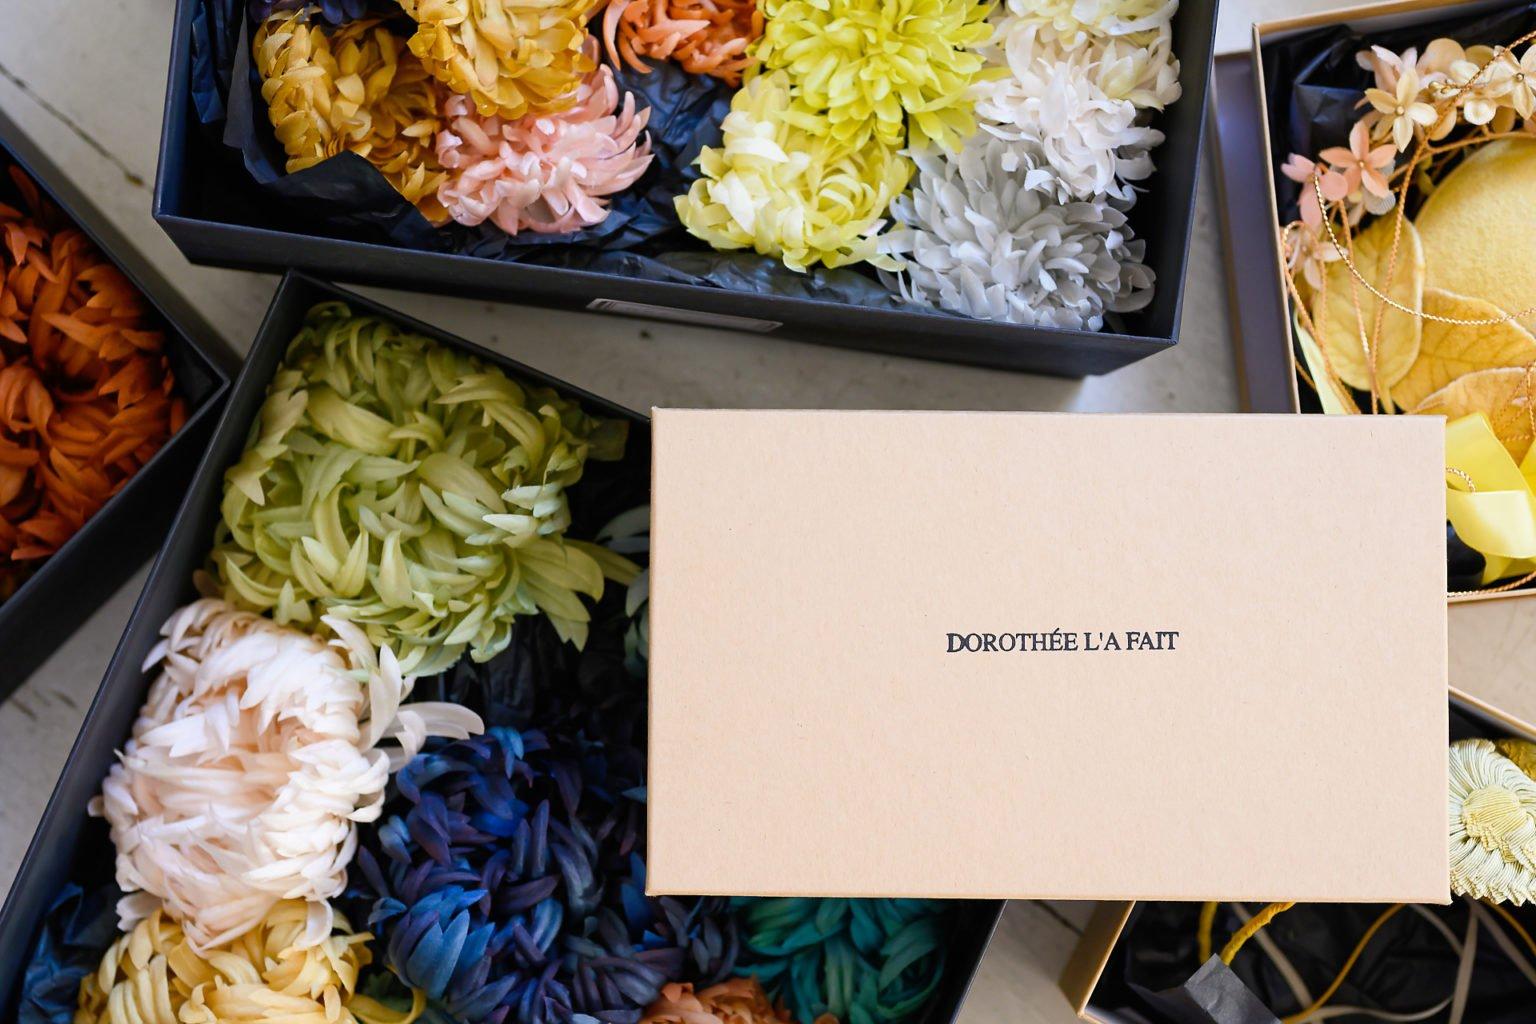 Fleurs en tissu par Dorothée l'a fait, portrait d'entrepreneur par Aurore Delsoir photographe d'entreprise à Bruxelles et en Wallonie